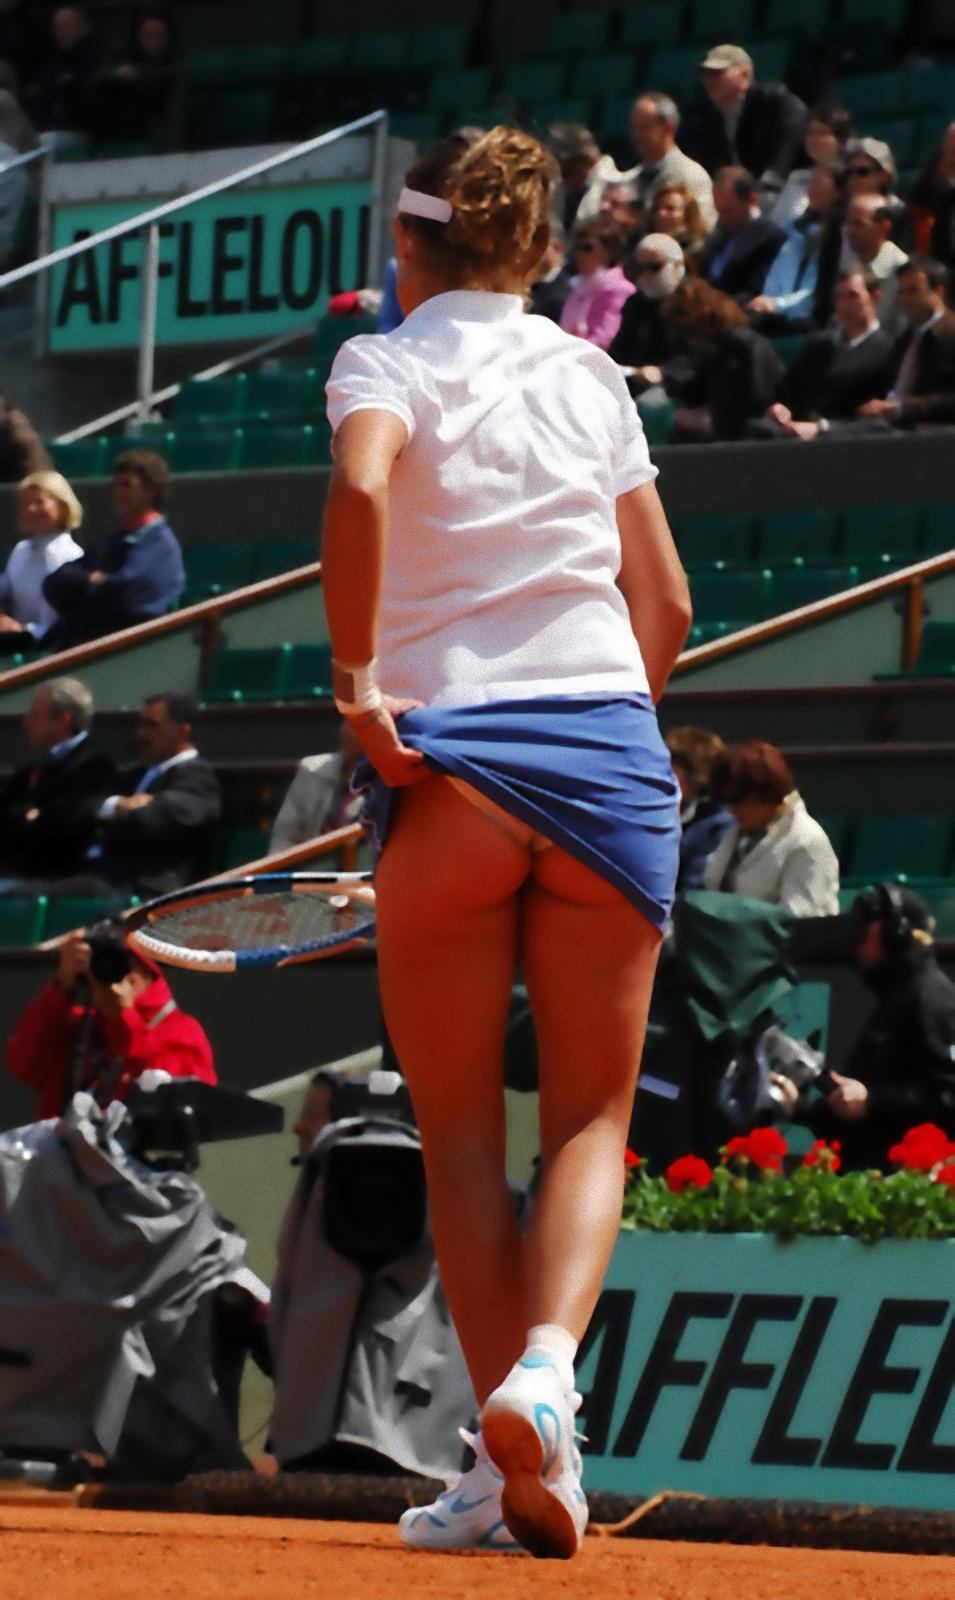 Фото белья под юбкой у теннисисток